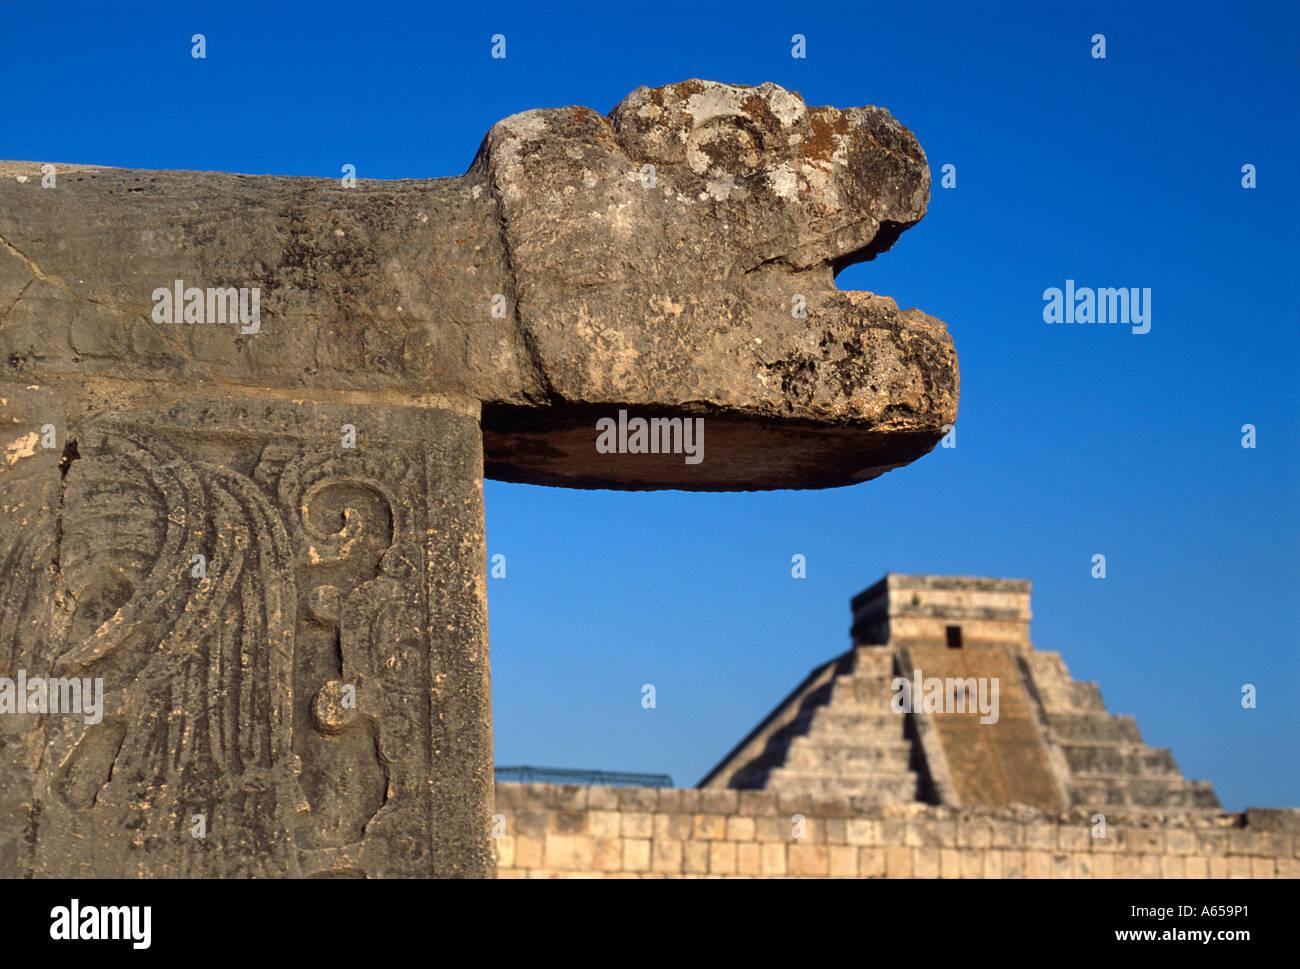 Serpent head sculpture and El Castillo pyramid Mayan ruins, Chichen Itza, Yucatan, Mexico - Stock Image